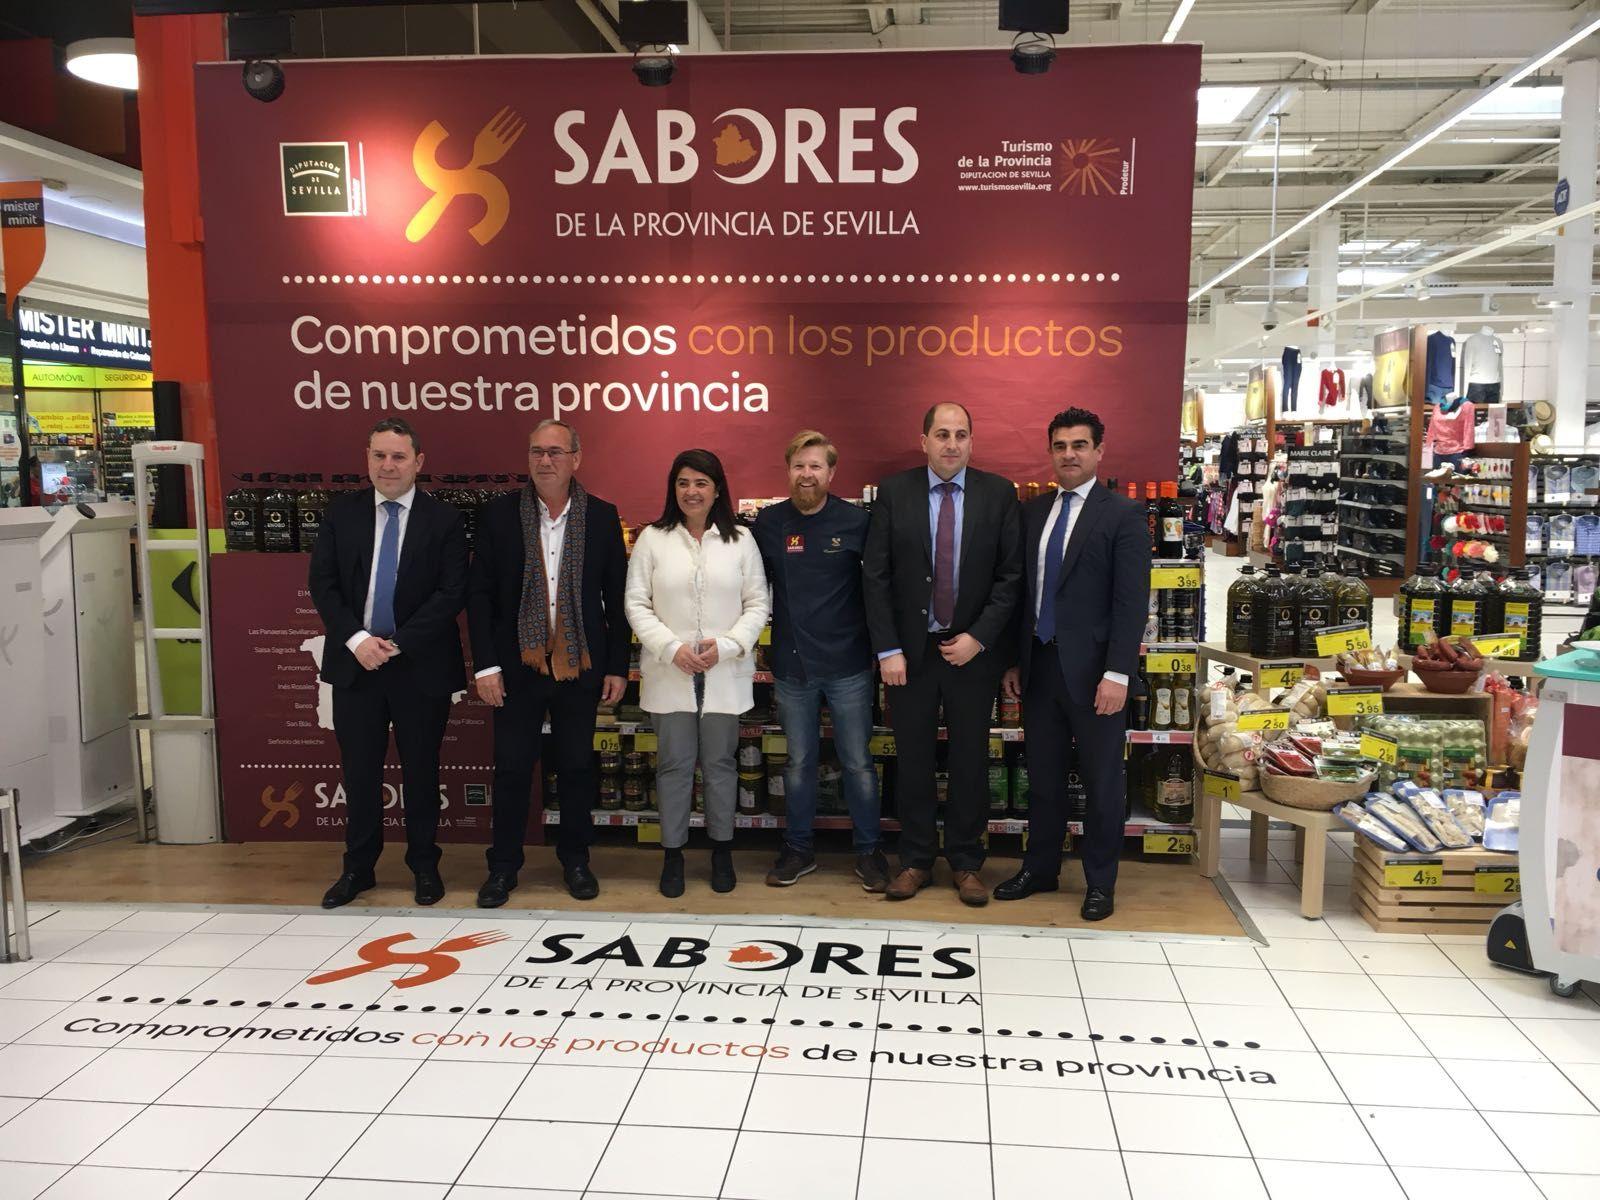 La diputaci n y carrefour impulsan la marca sabores de la for Empresas de reformas en sevilla y provincia